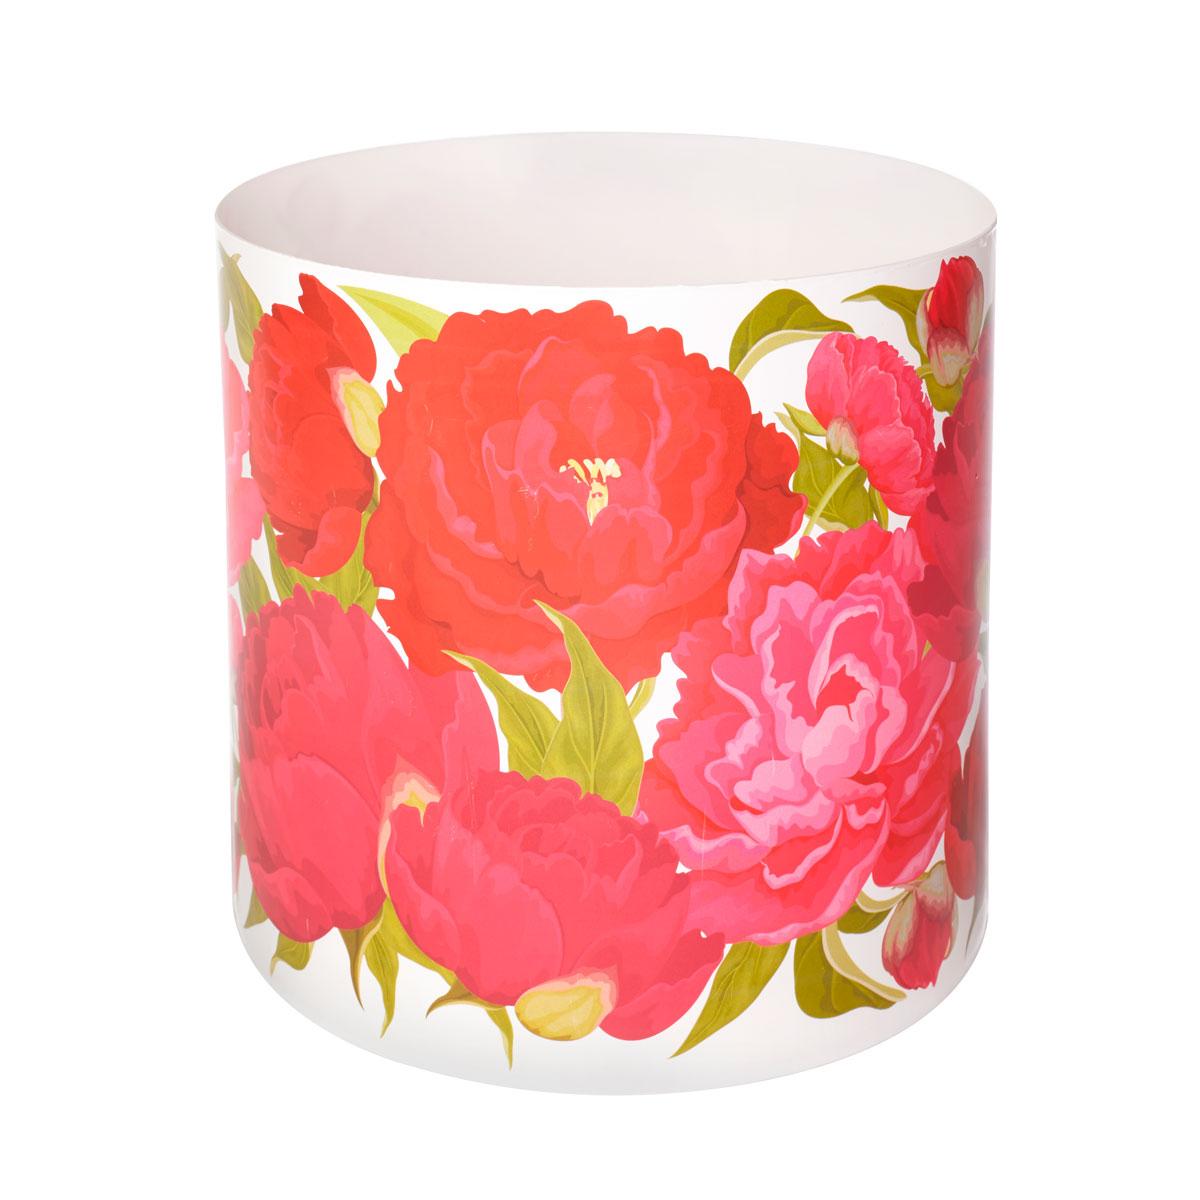 Горшок для цветов Miolla Пионы со скрытым поддоном, 5,1лSMG-25Декоративный горшочек Miolla c 3D рисунком. Хорошо будут смотреться как основа для топиариев и флористических композиций. А так же замечательно для комнатных цветов. Со скрытым поддоном.